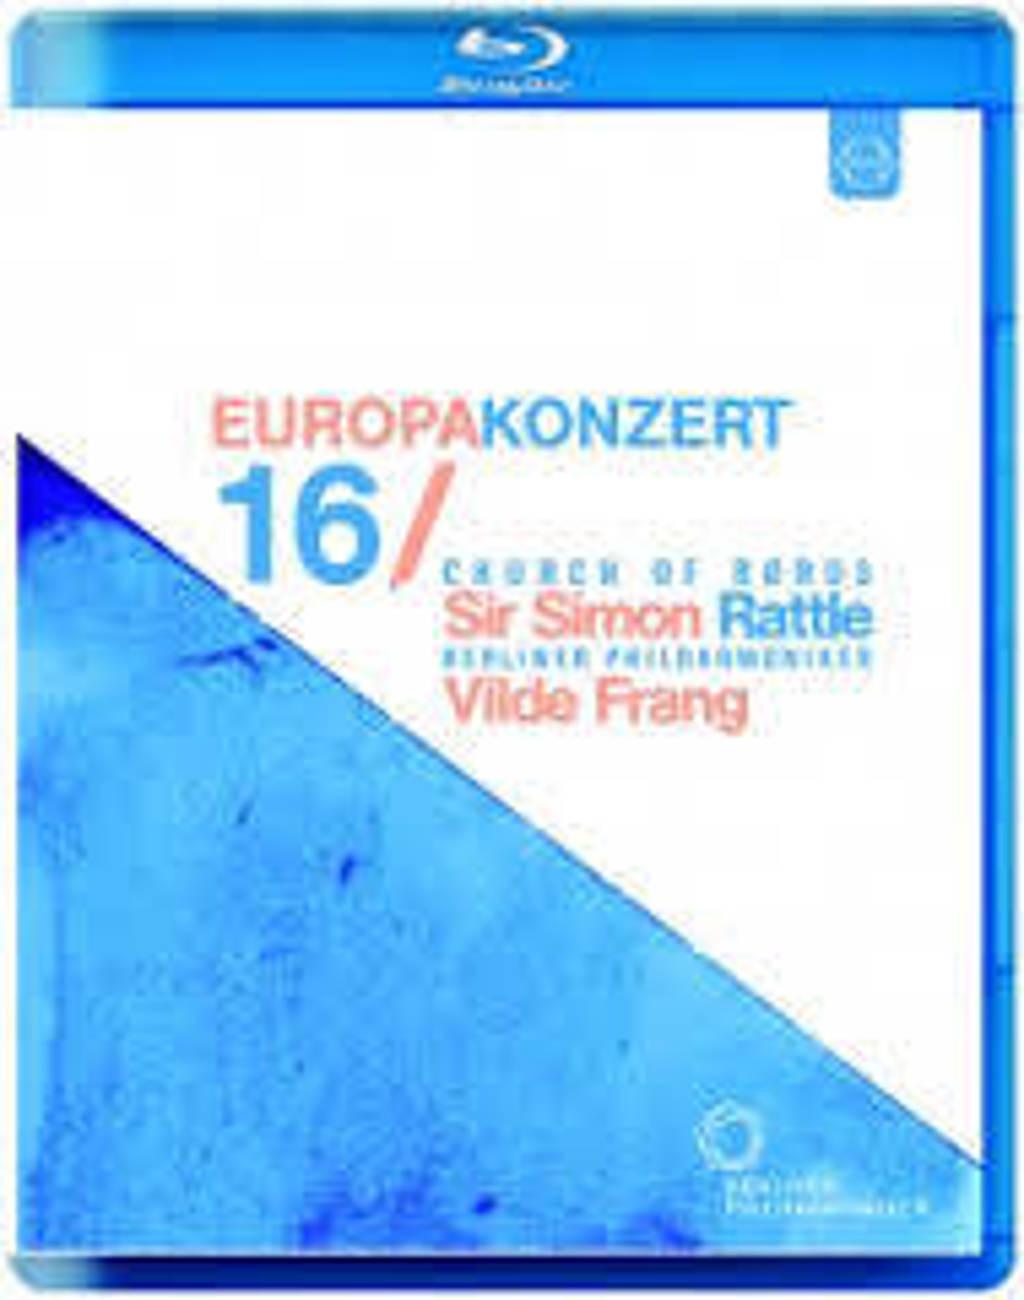 Berliner Philharmoniker - Europakonzert 2016 (DVD)